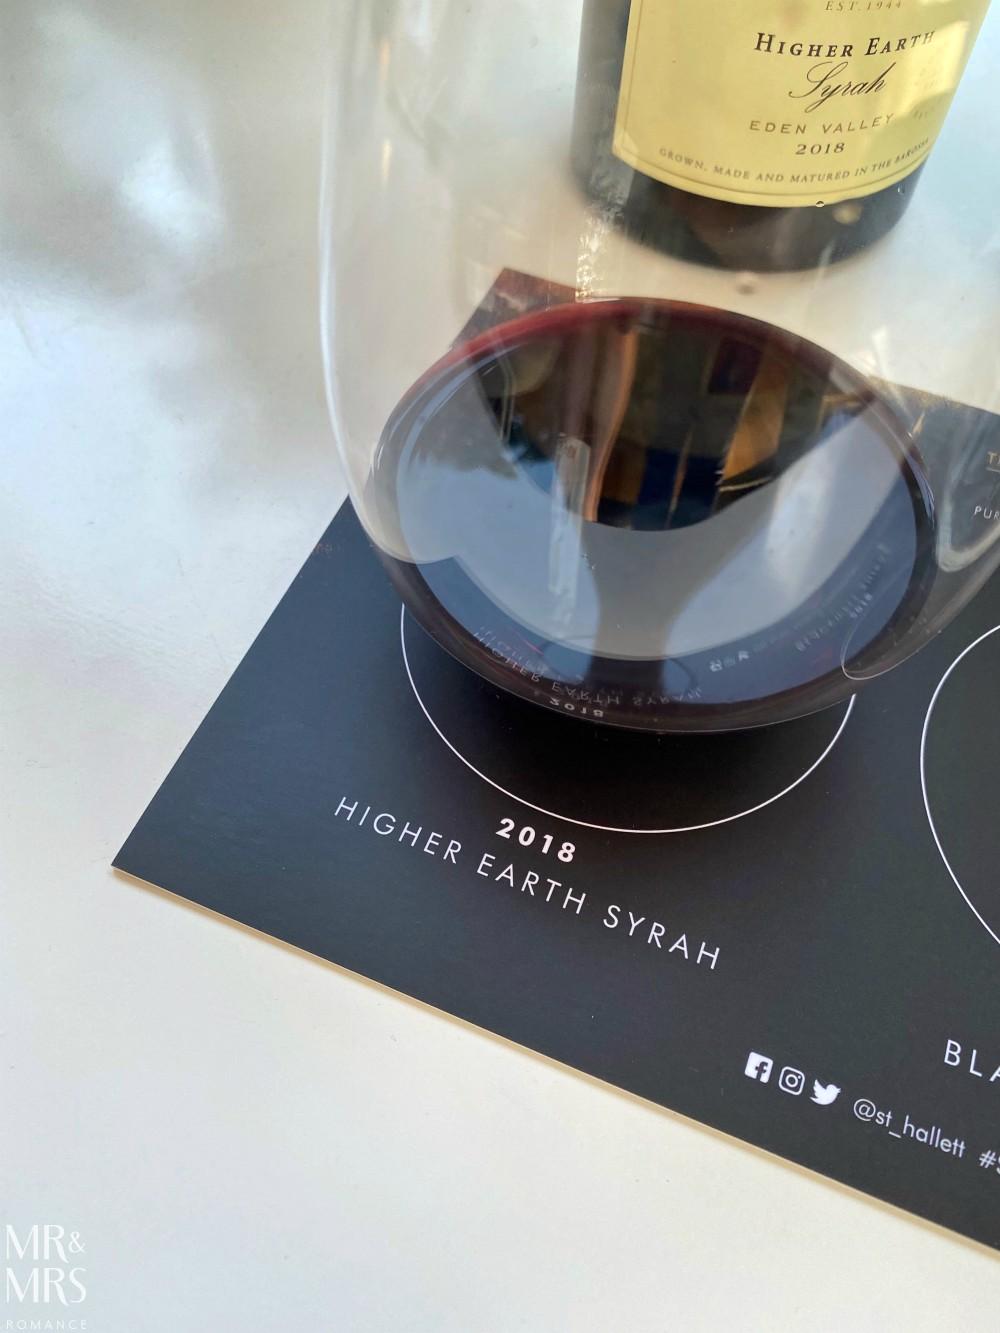 St Hallett tasting 2020 release Higher Earth Shiraz